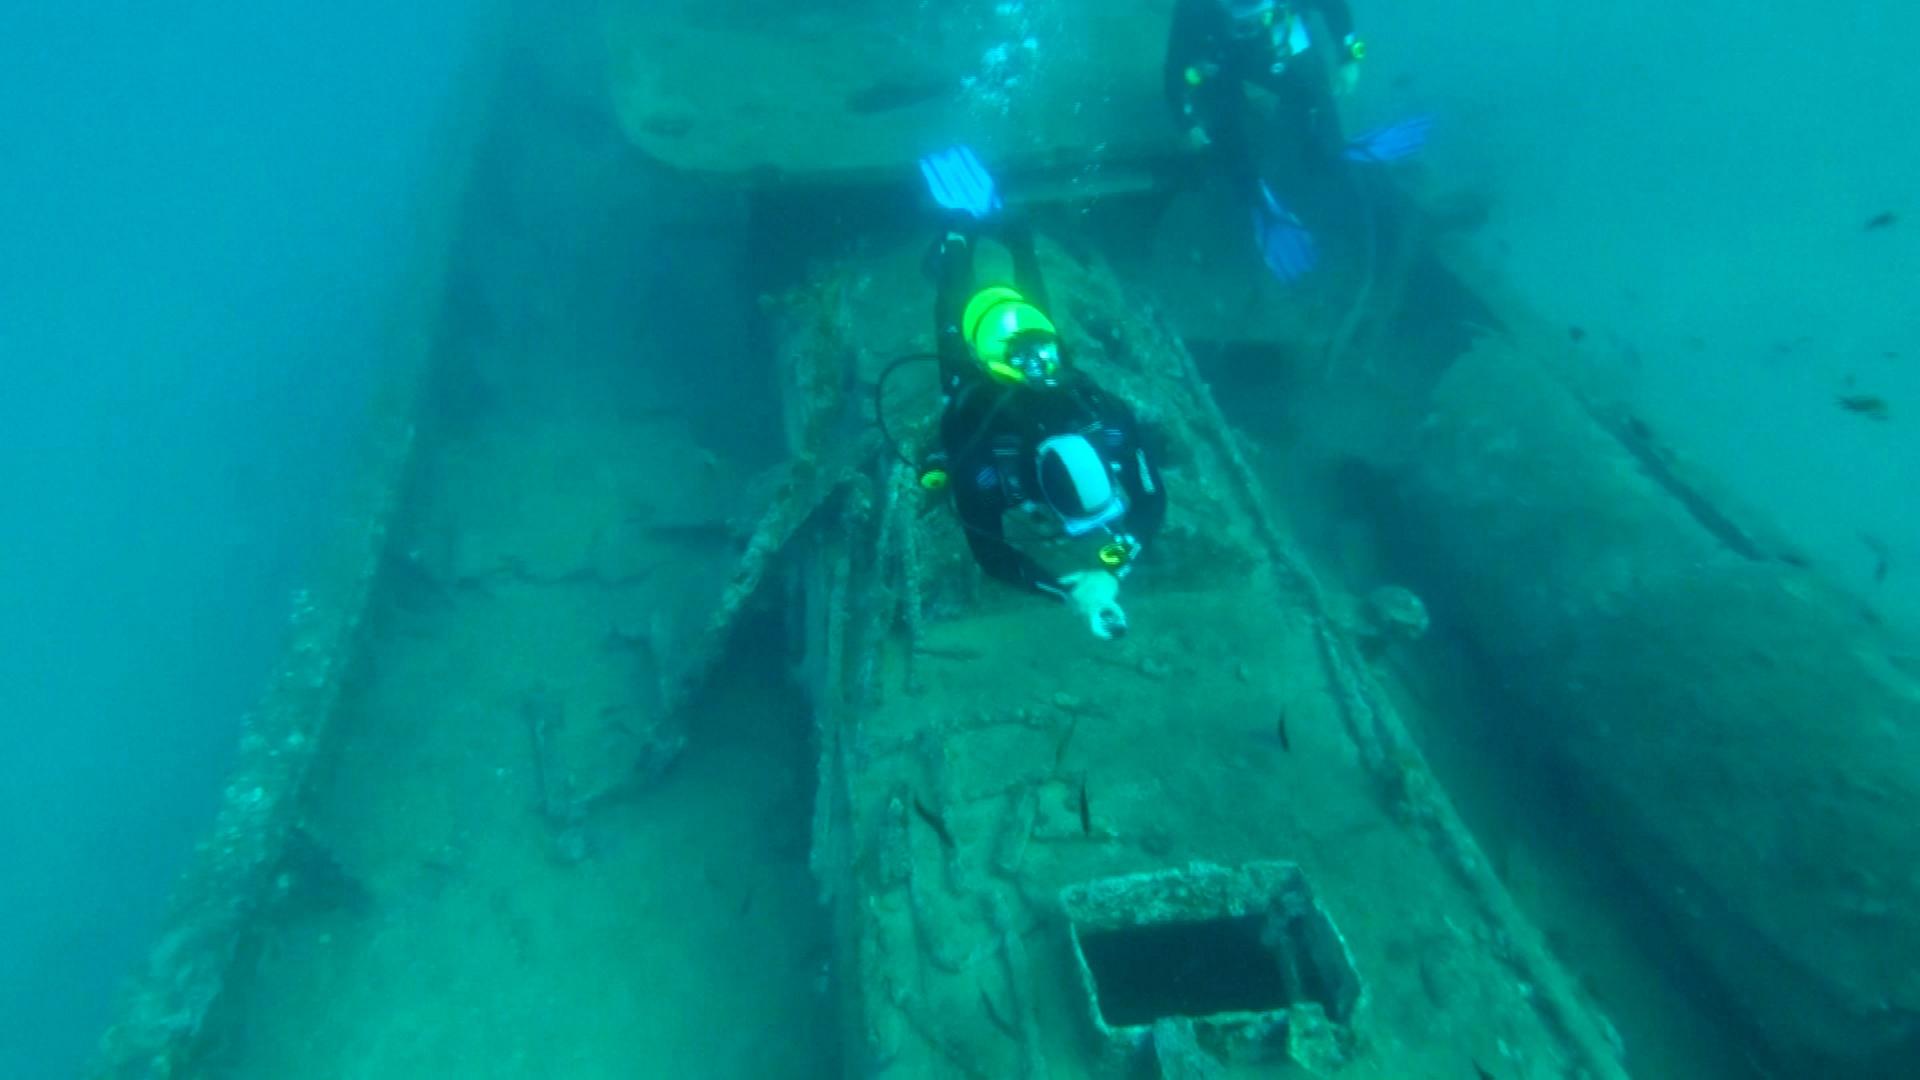 100 лет на дне: музей затонувших военных кораблей открылся в Турции